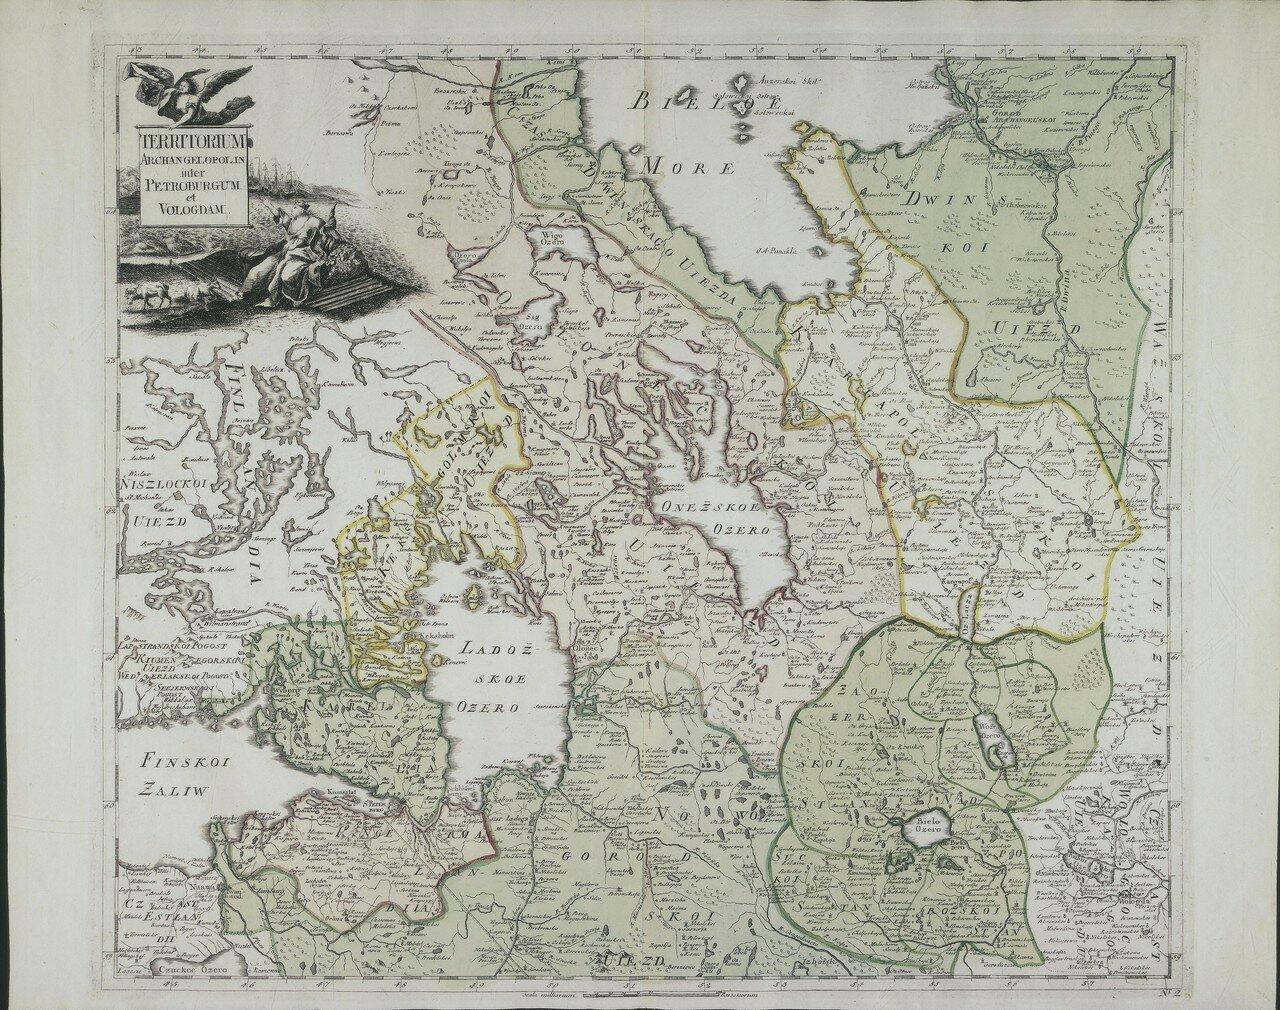 1745. Карта Архангельской губернии с частями Петербургской и Вологодской губерний